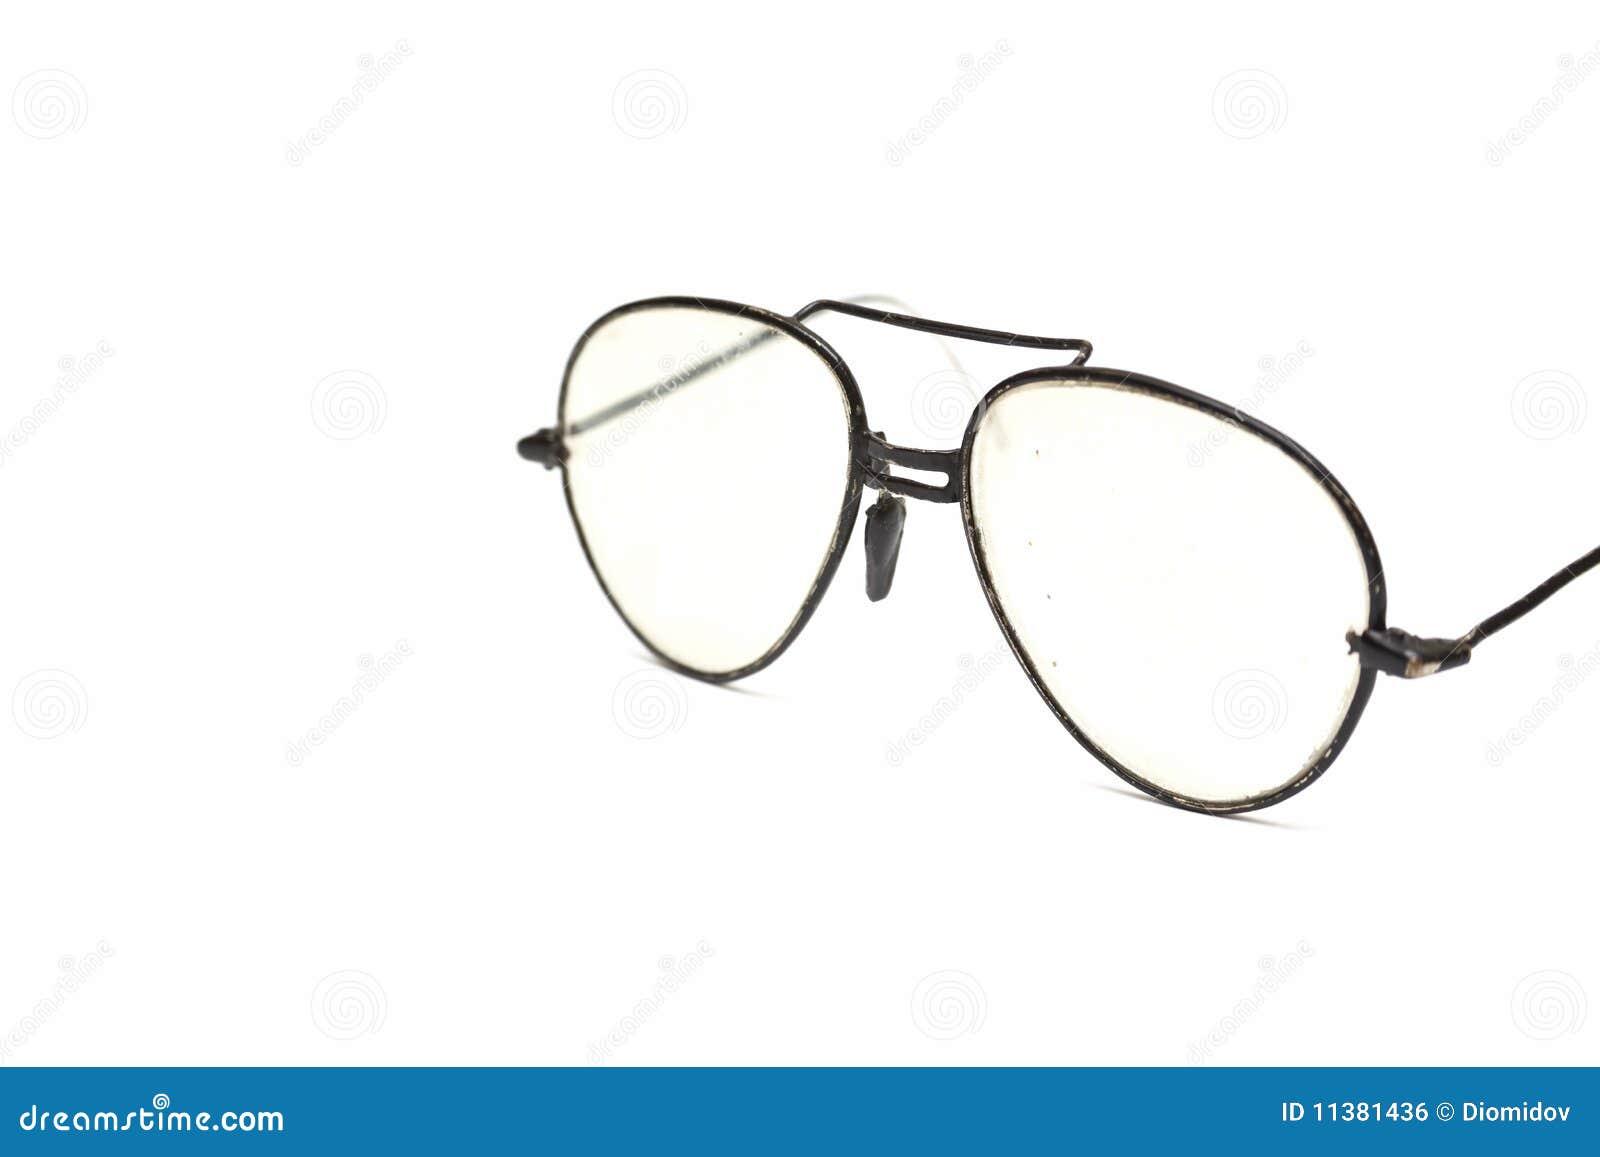 Broken Glasses Frame Dream : Isolated Old Broken Glasses Royalty Free Stock Image ...